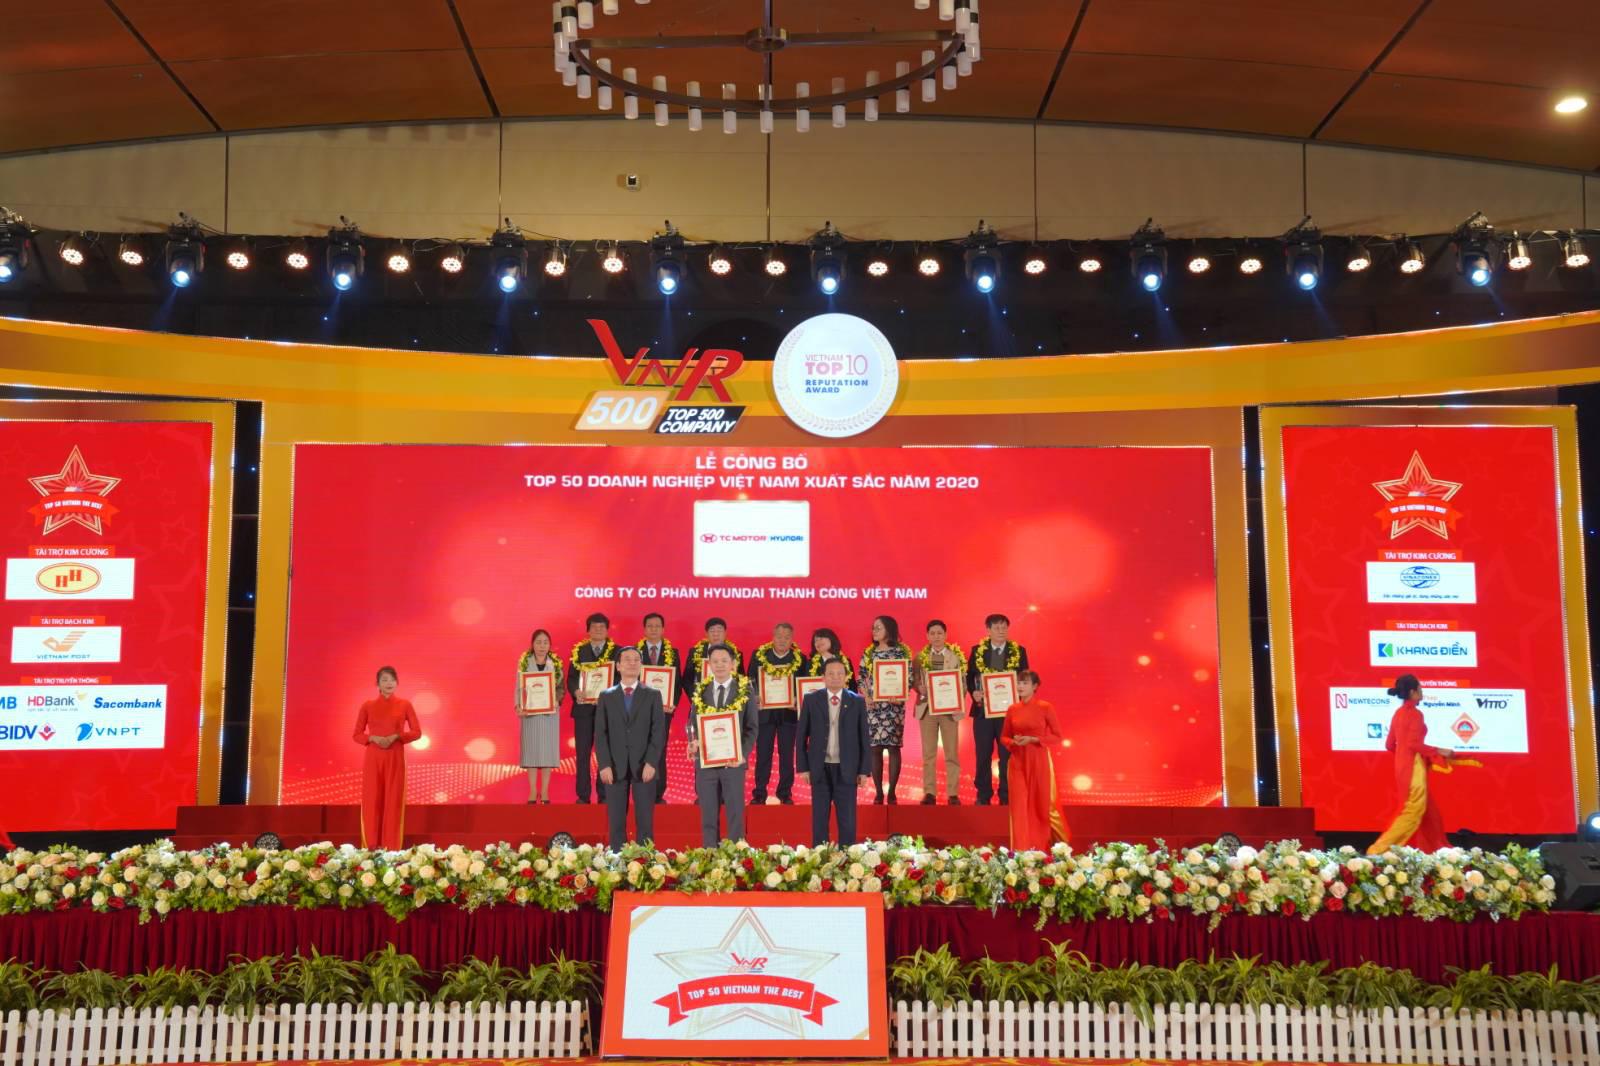 TC MOTOR xếp 12 trên bảng xếp hạng Top 500 Doanh nghiệp tư nhân lớn nhất Việt Nam - Ảnh 1.